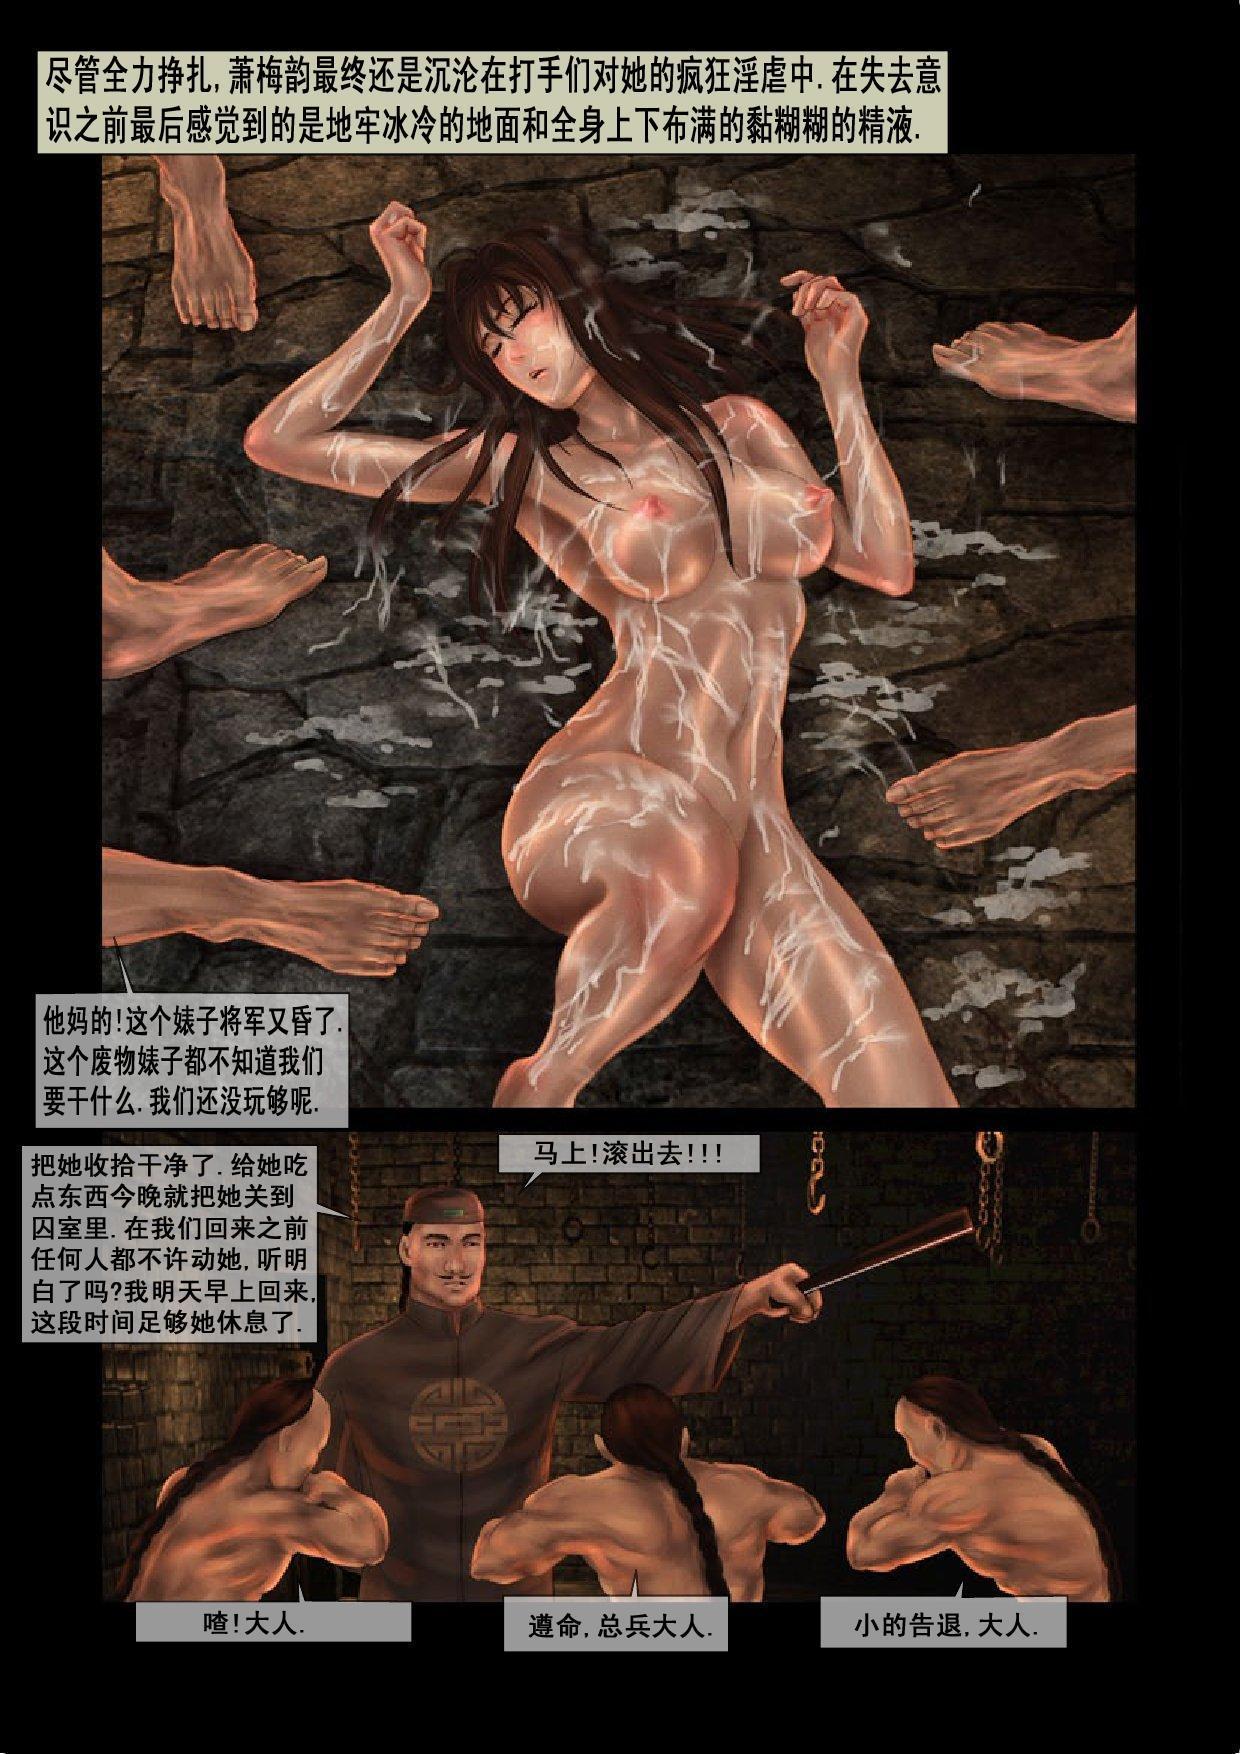 中国军阀的性奴1 27